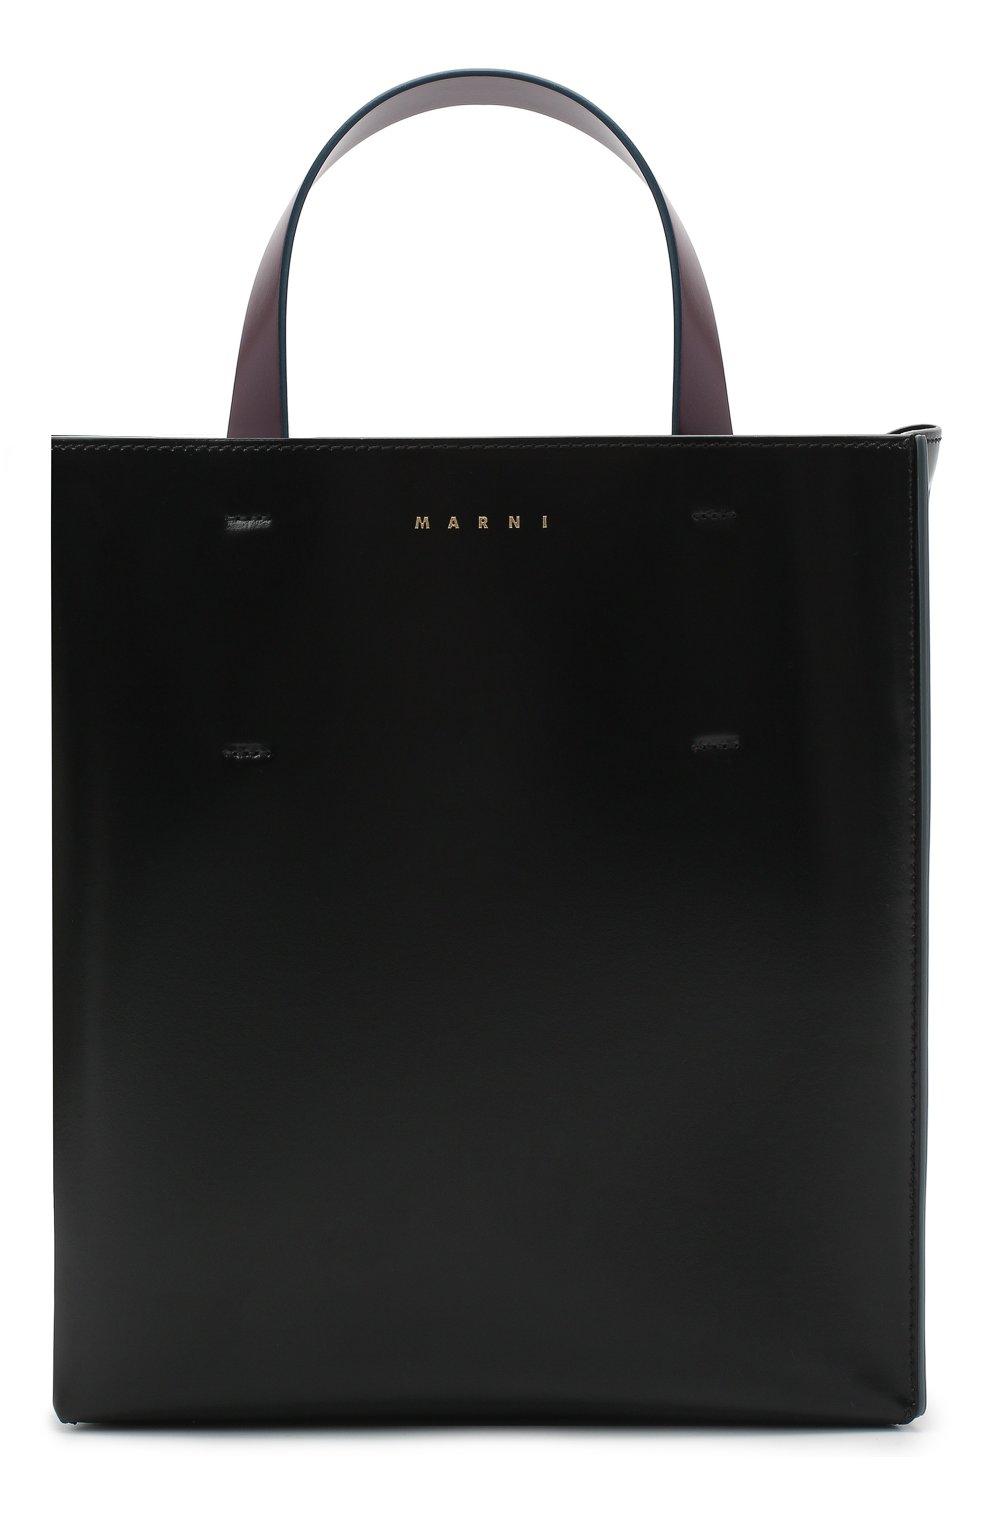 Женская сумка-тоут museo MARNI черного цвета, арт. SHMPV01TY0/LV639   Фото 7